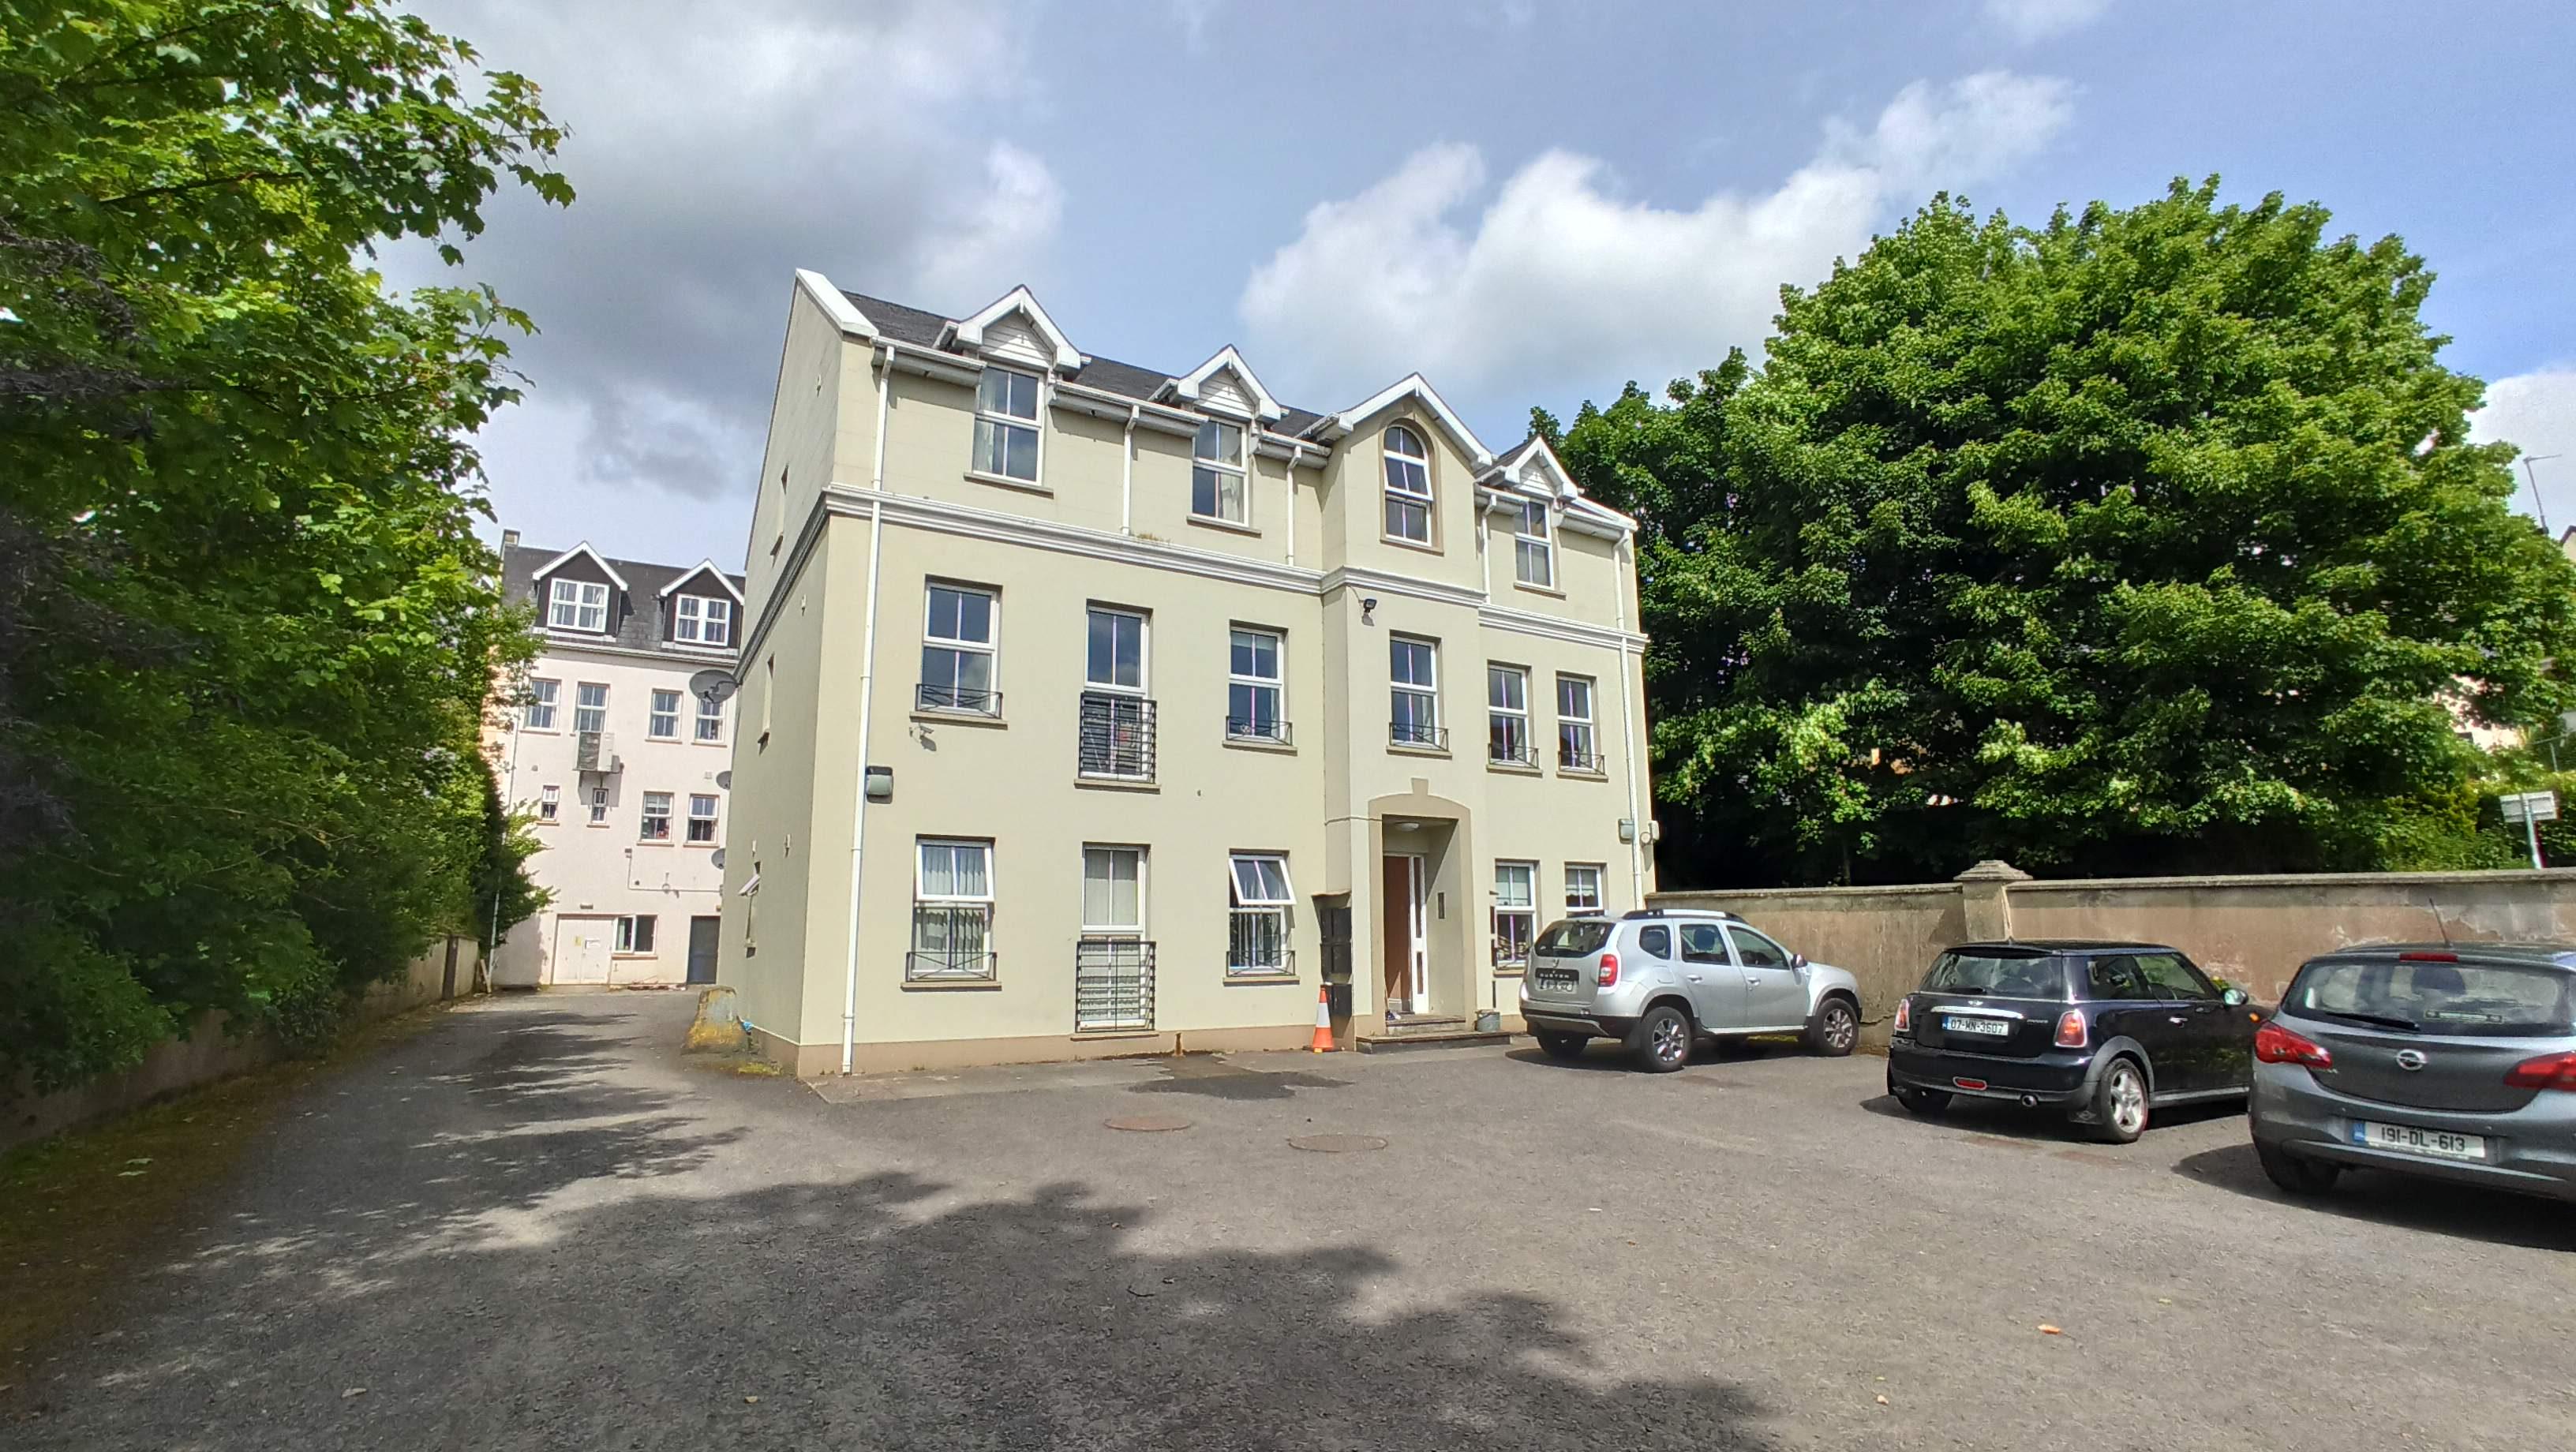 Apartment 8 Garden Court, 44/46 Lower Main Street, Letterkenny, Co. Donegal, F92 KF22